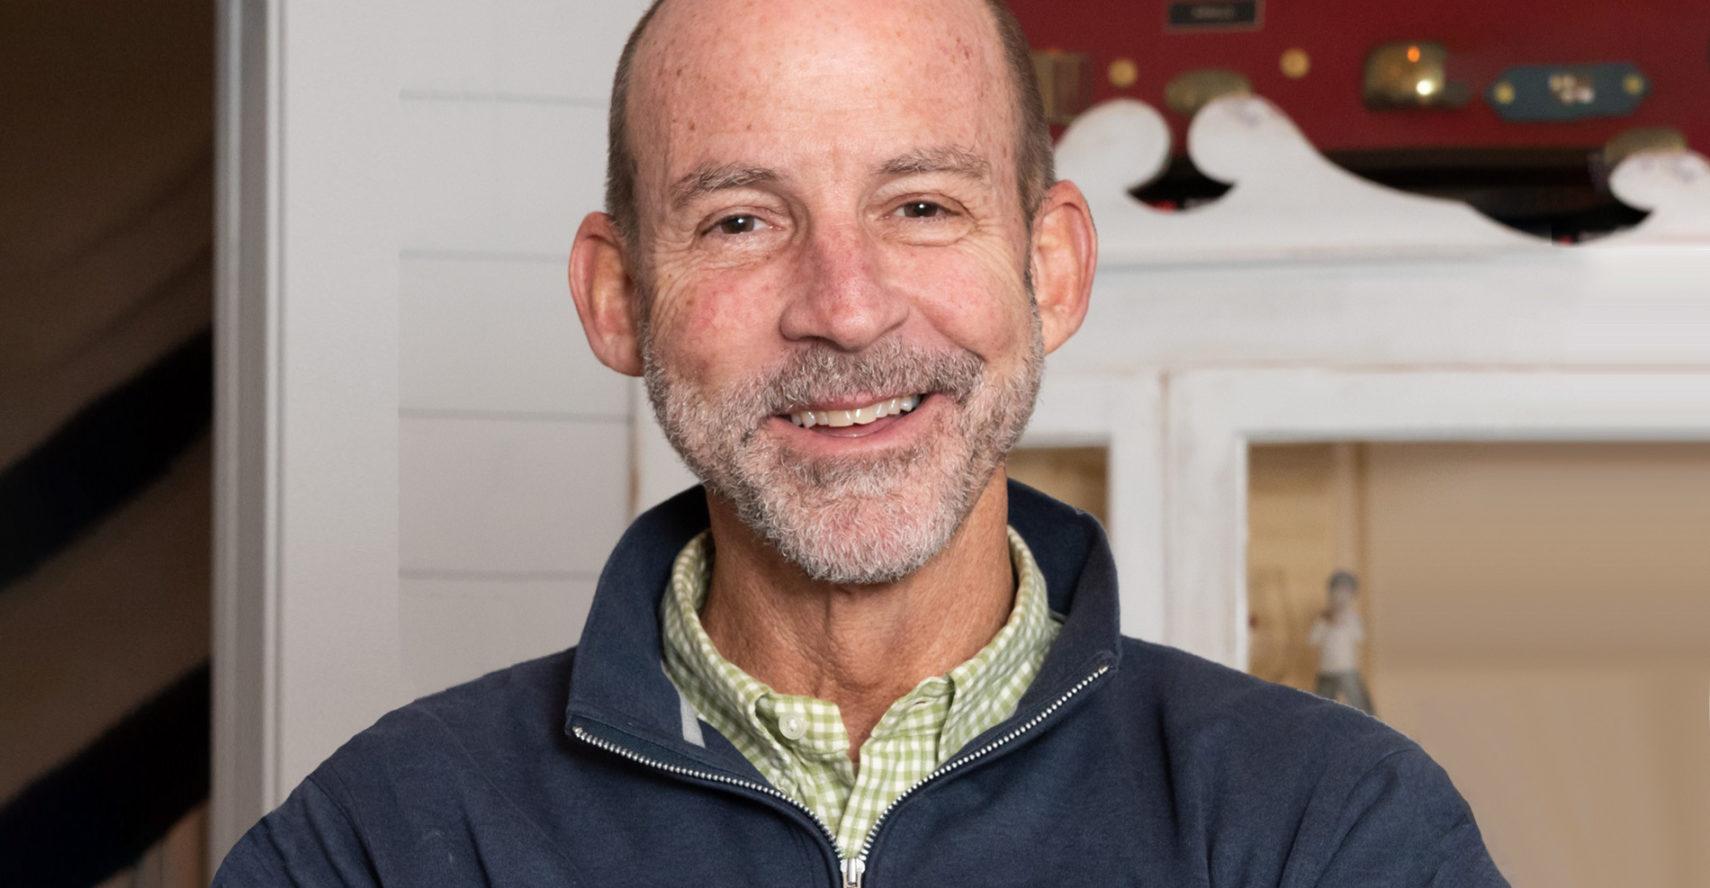 Man smiling at camera | Tony Arnold